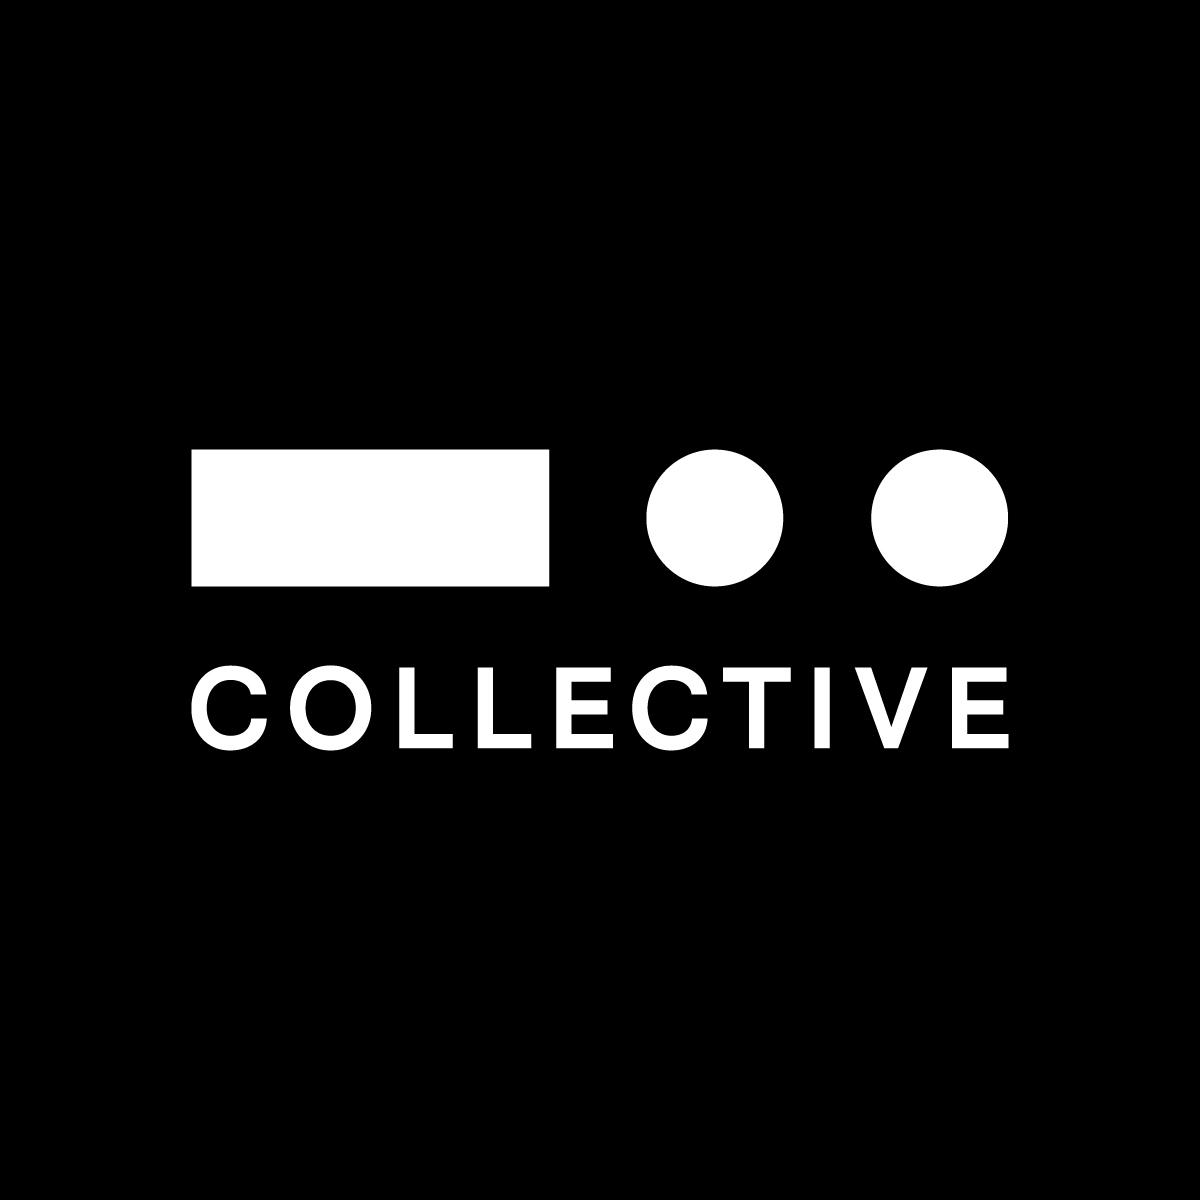 delta-collective-logo-mark